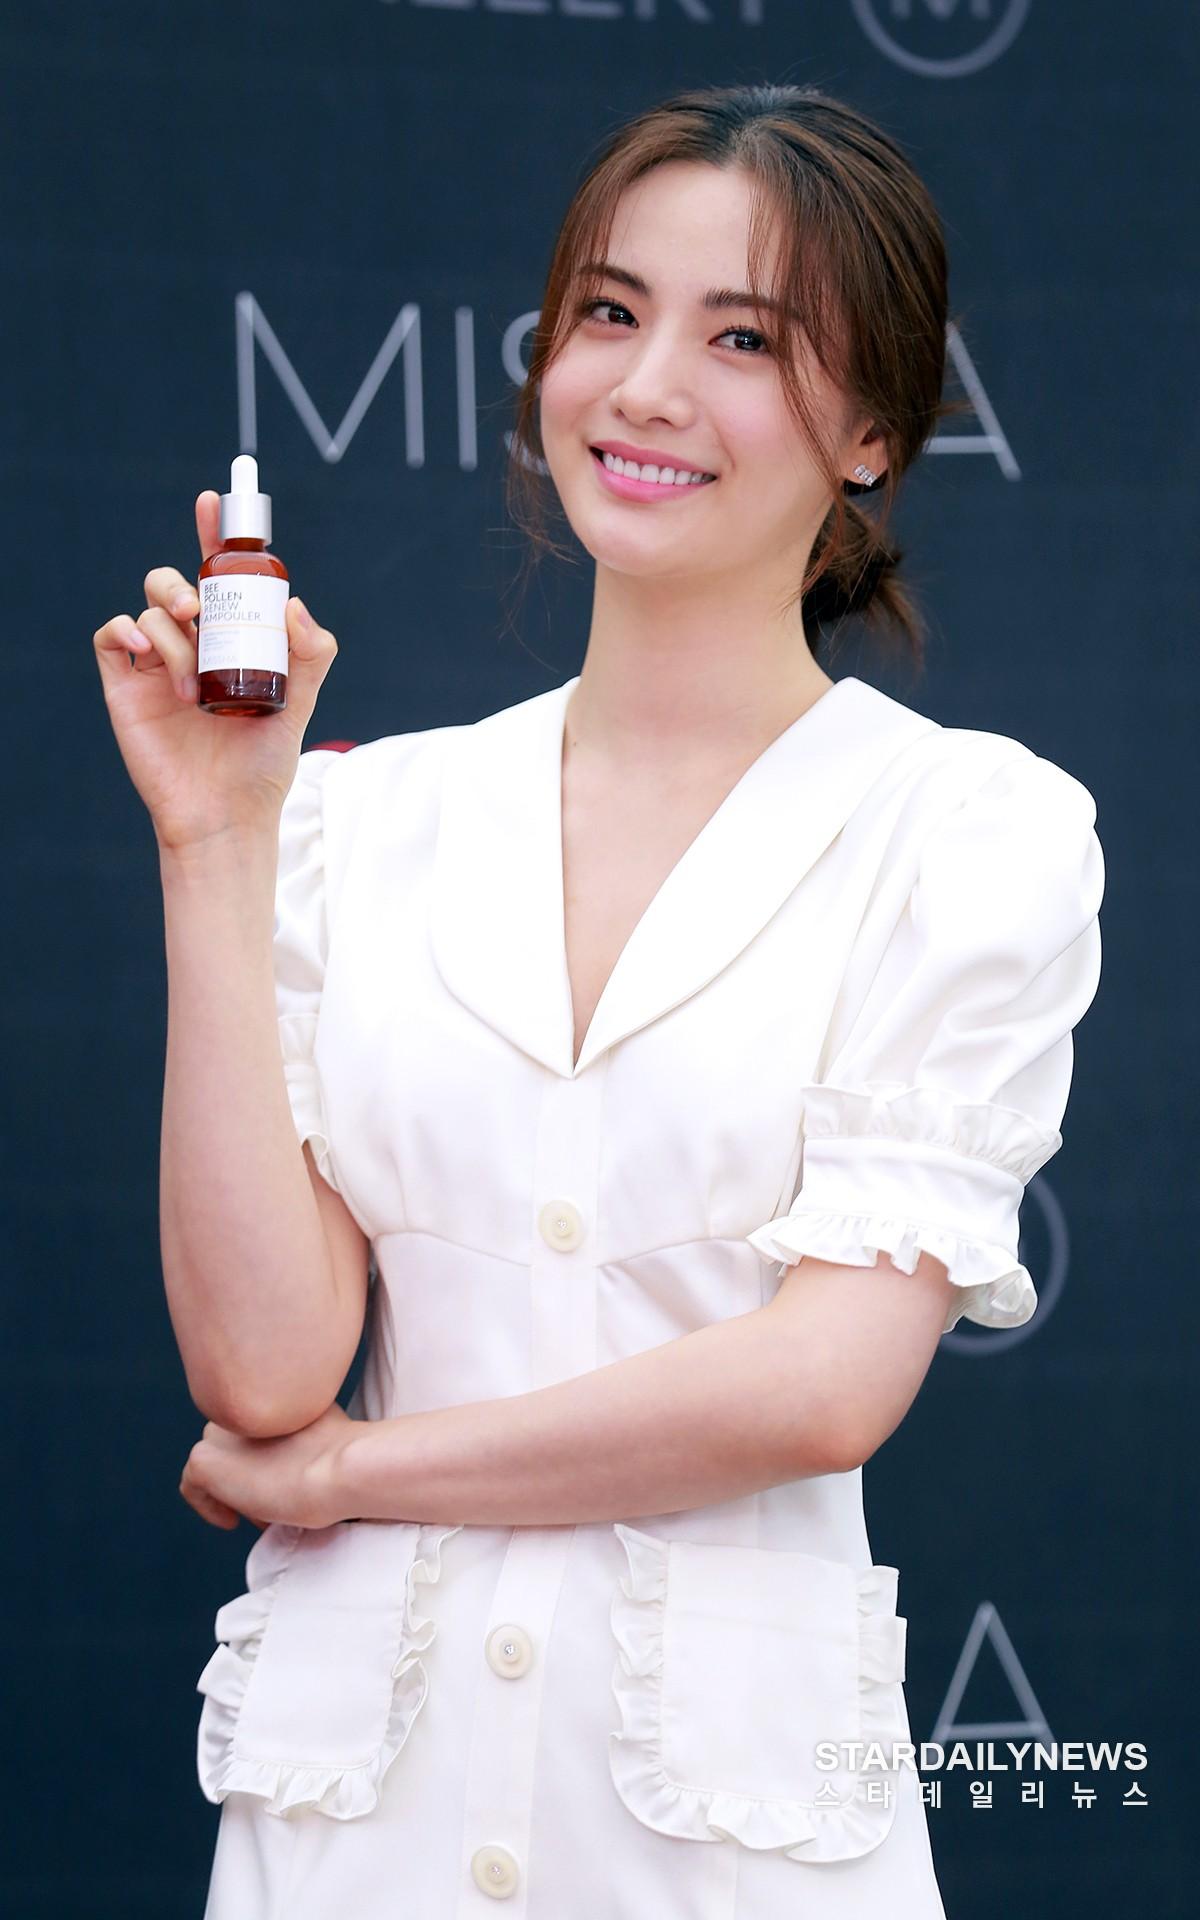 Son Ye Jin chiếm hết spotlight, nhưng mỹ nhân 2 lần đứng đầu top 100 gương mặt đẹp nhất thế giới còn xuất sắc hơn - Ảnh 13.